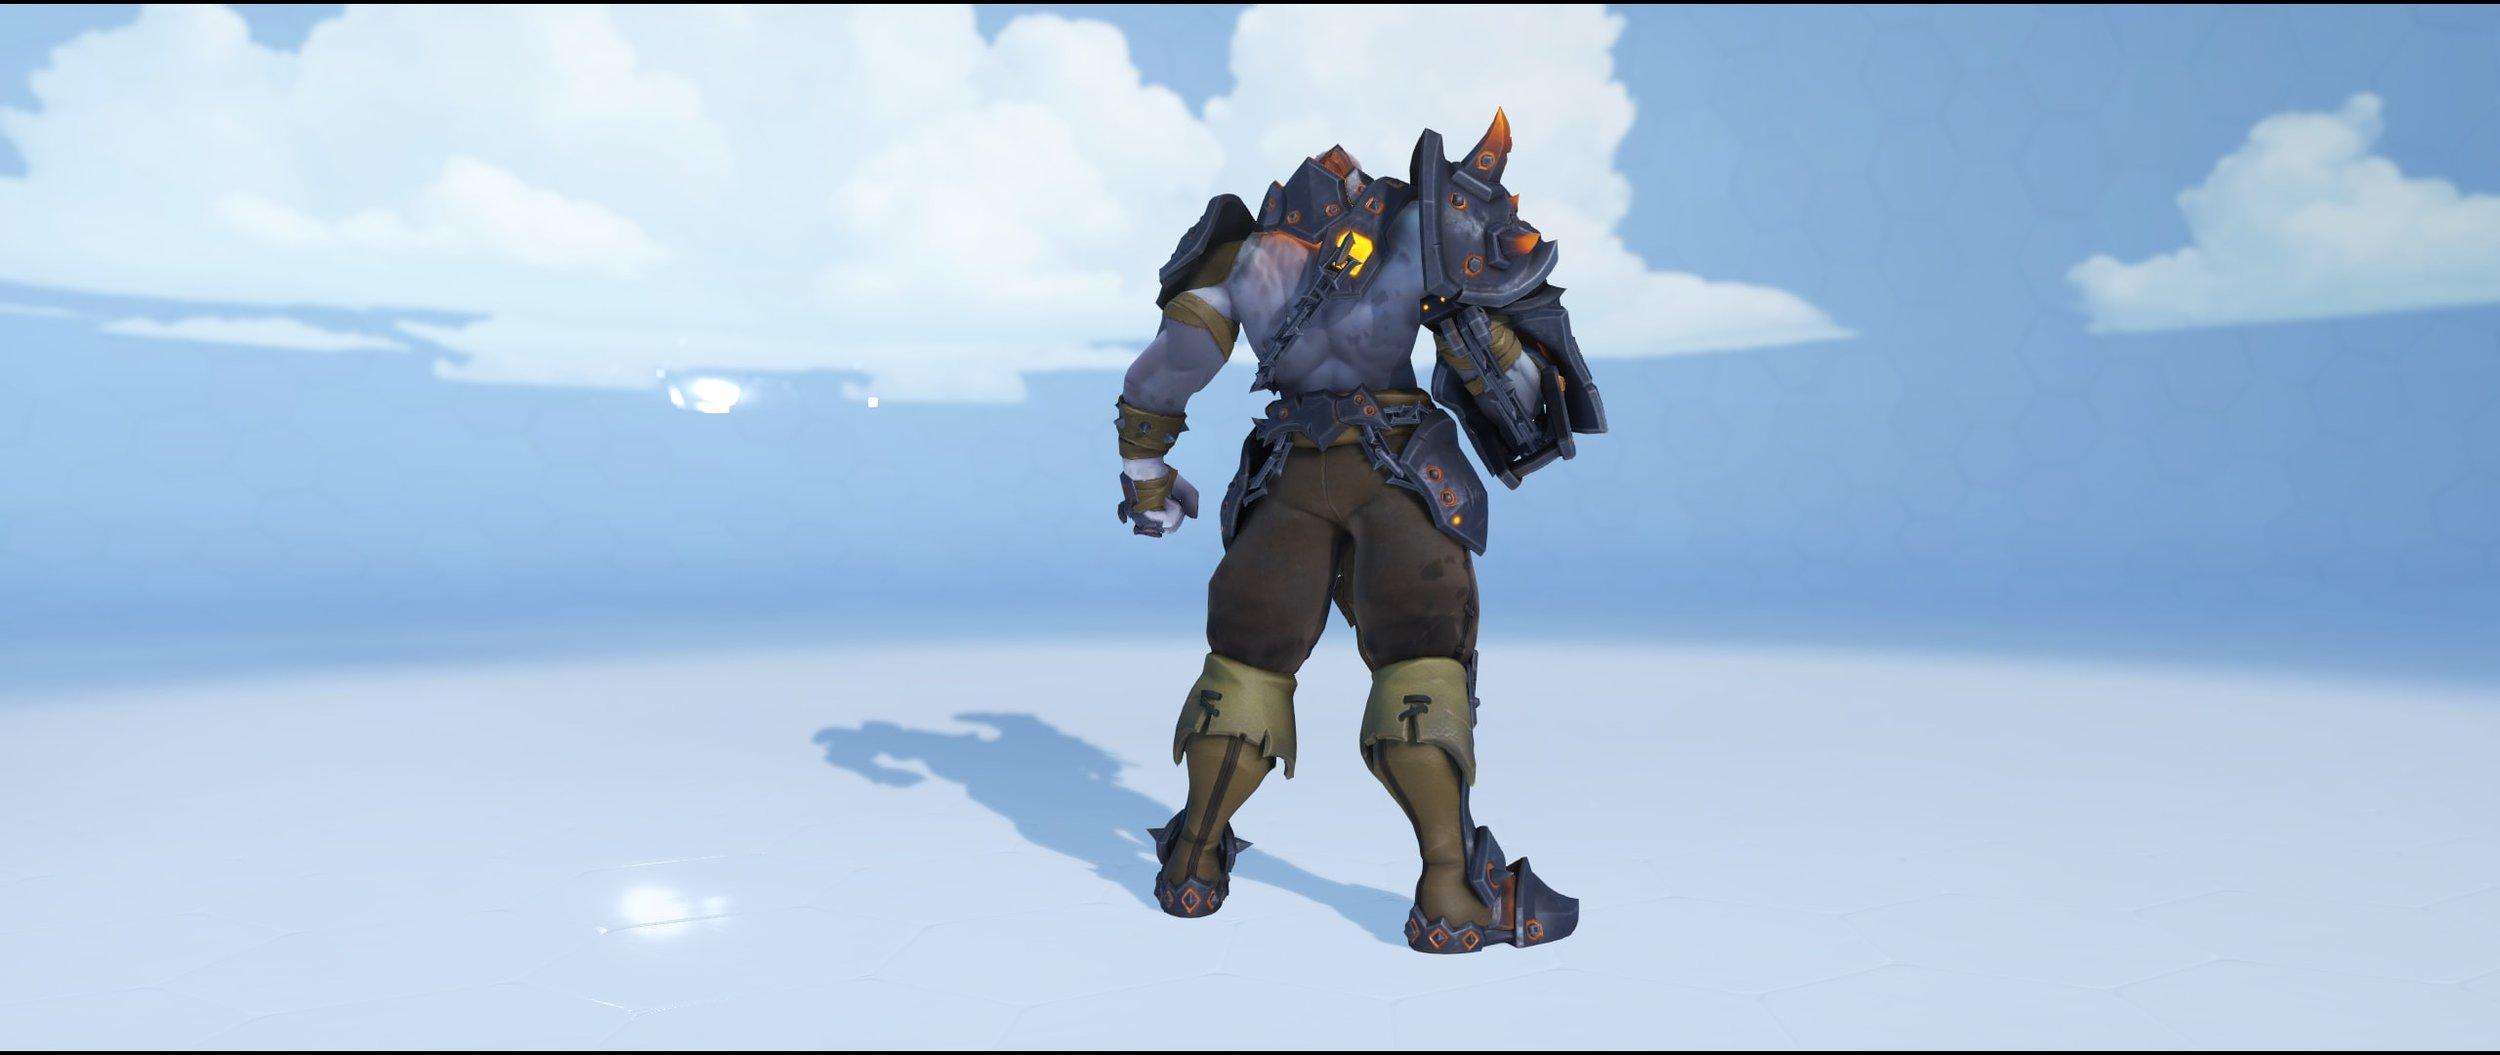 Blackhand back legendary skin Doomfist Overwatch.jpg